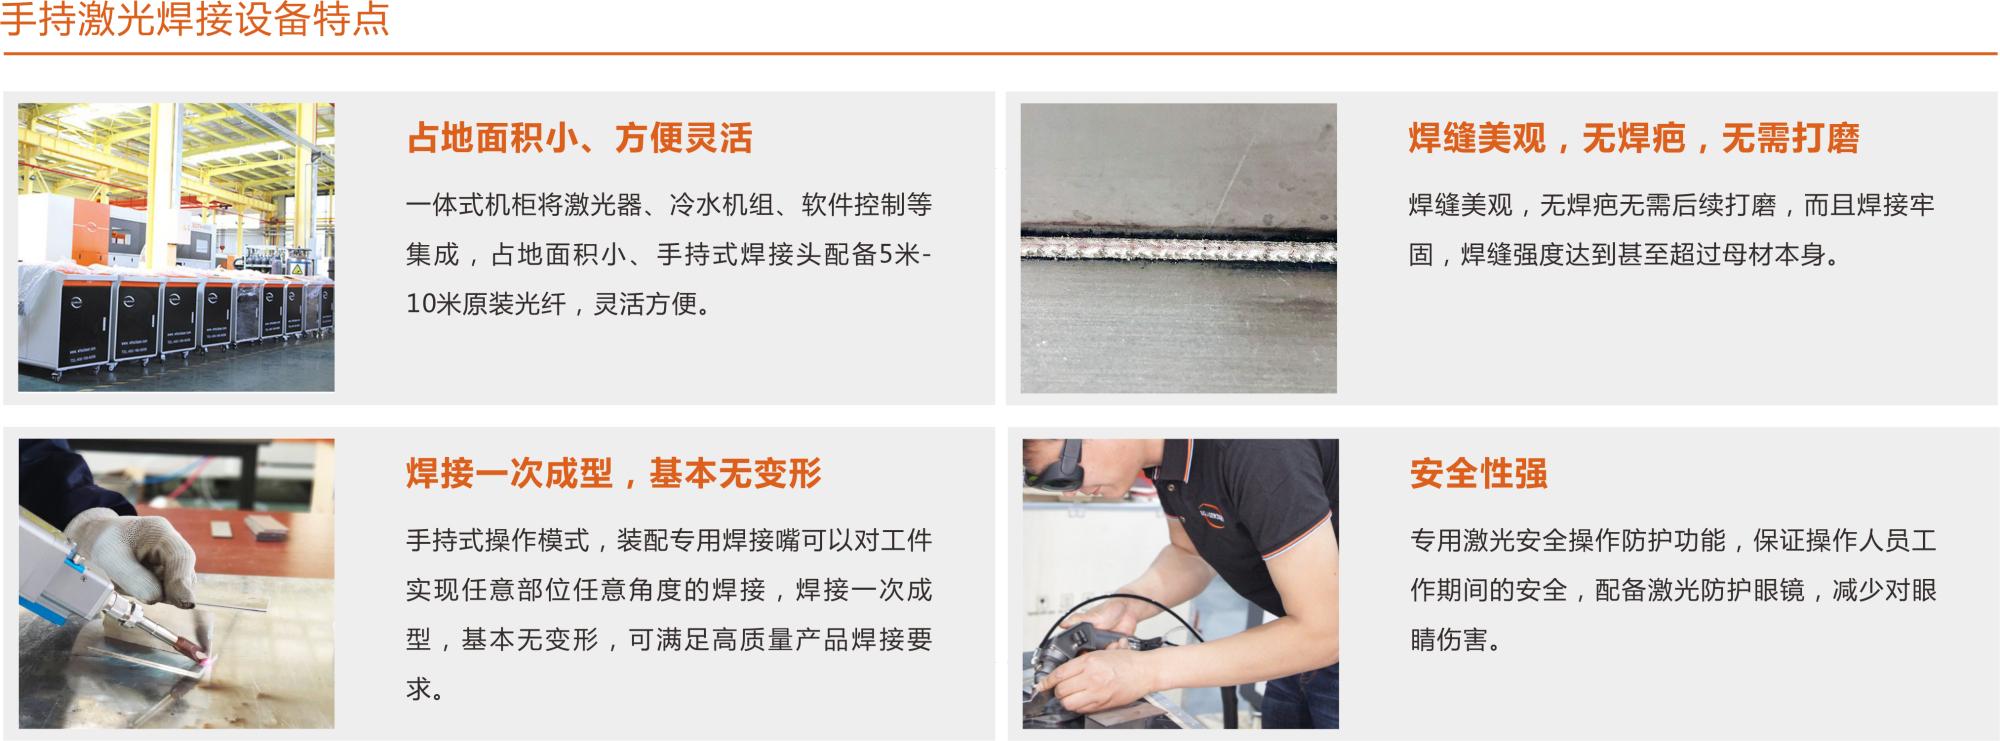 完美收官│武汉双成激光精彩亮相2020中国国际机电产品展览会(图7)